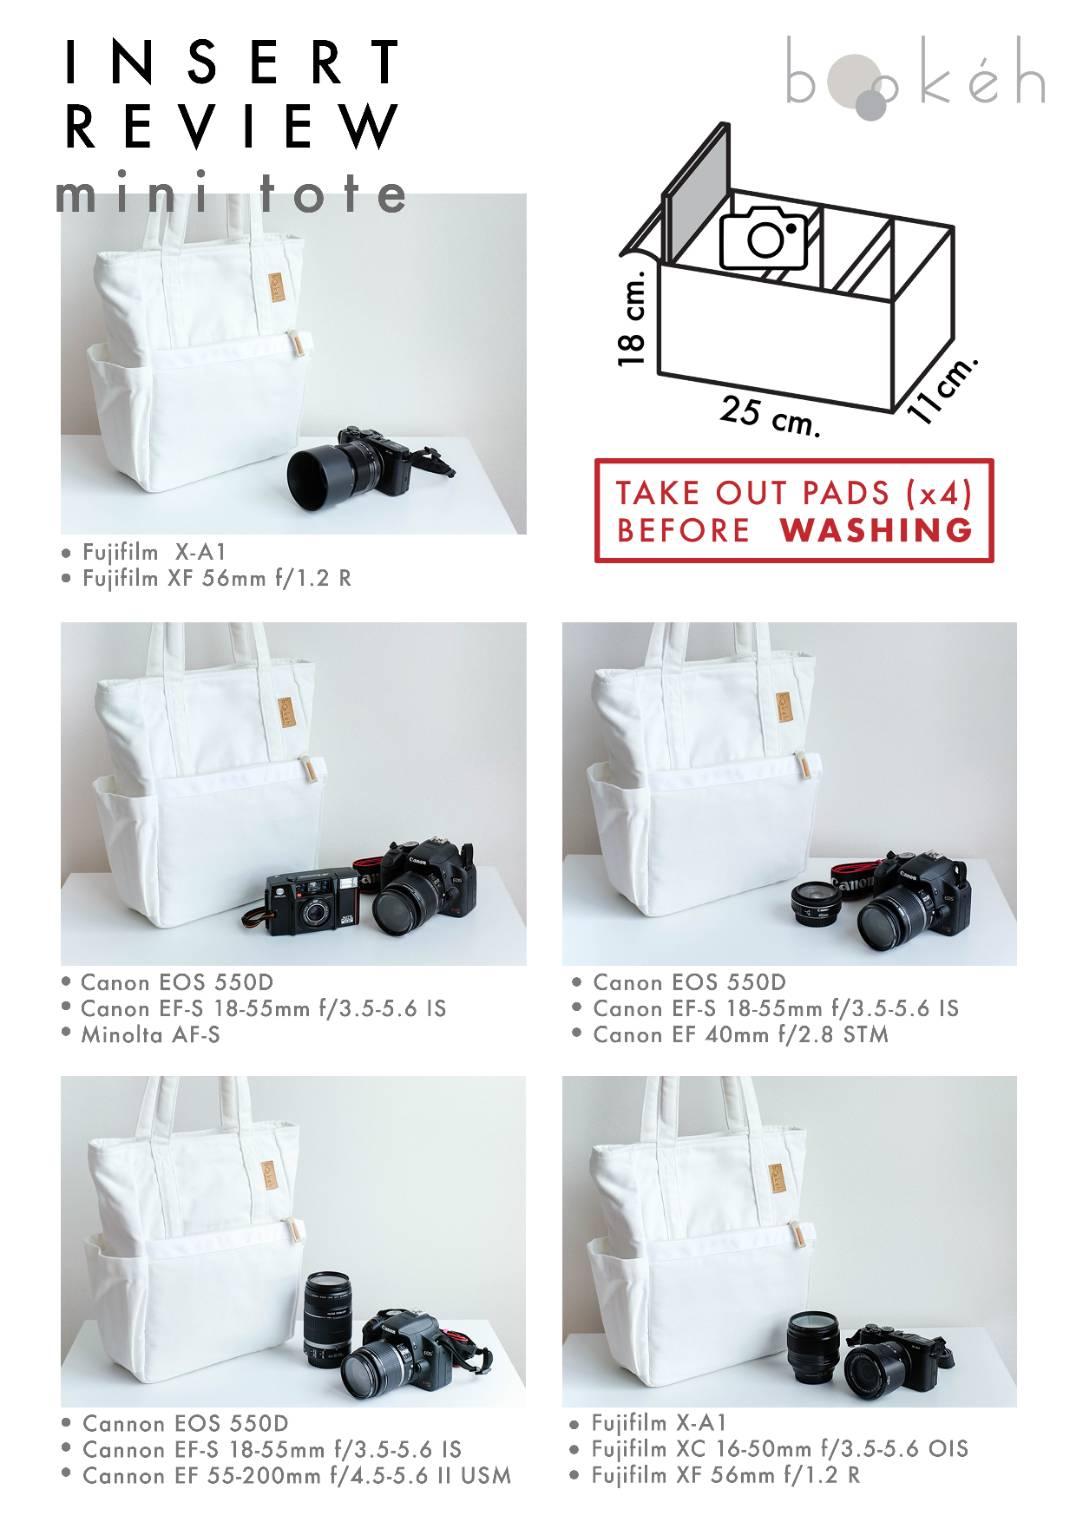 กระเป๋า,กระเป๋าผ้า,กระเป๋าสะพาย,กระเป๋ากล้อง